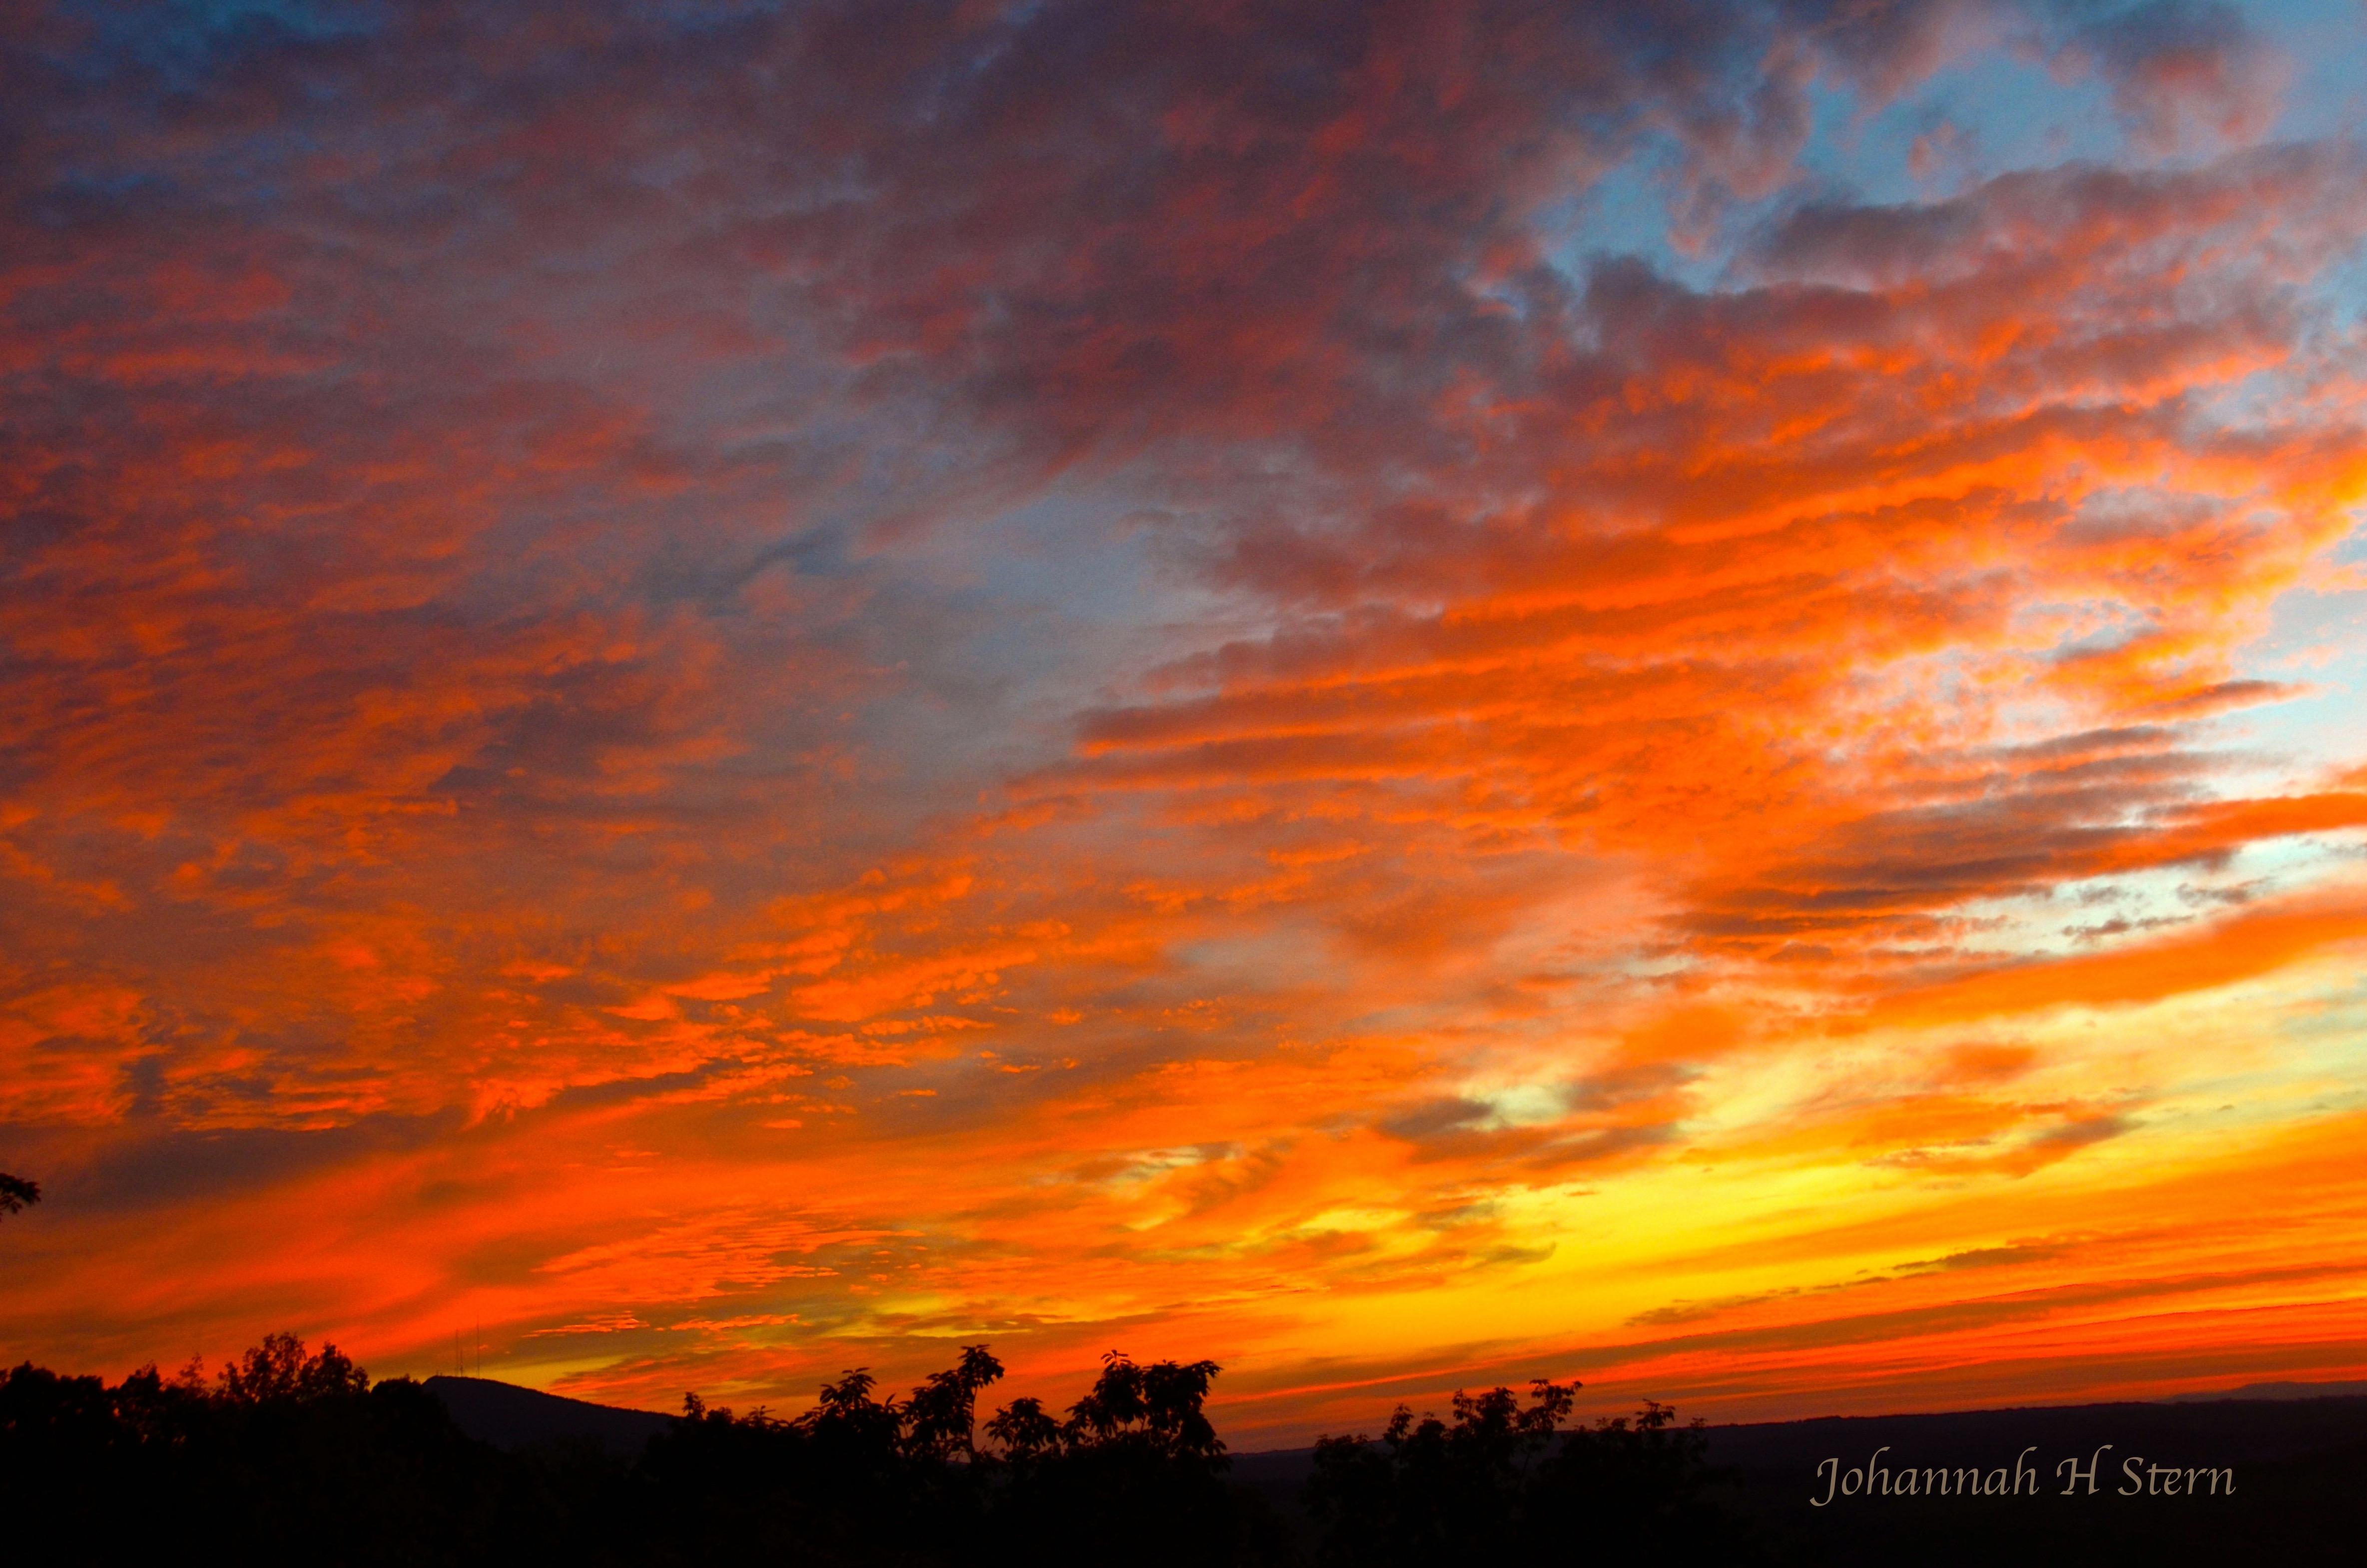 1_Saura-Sunset-II